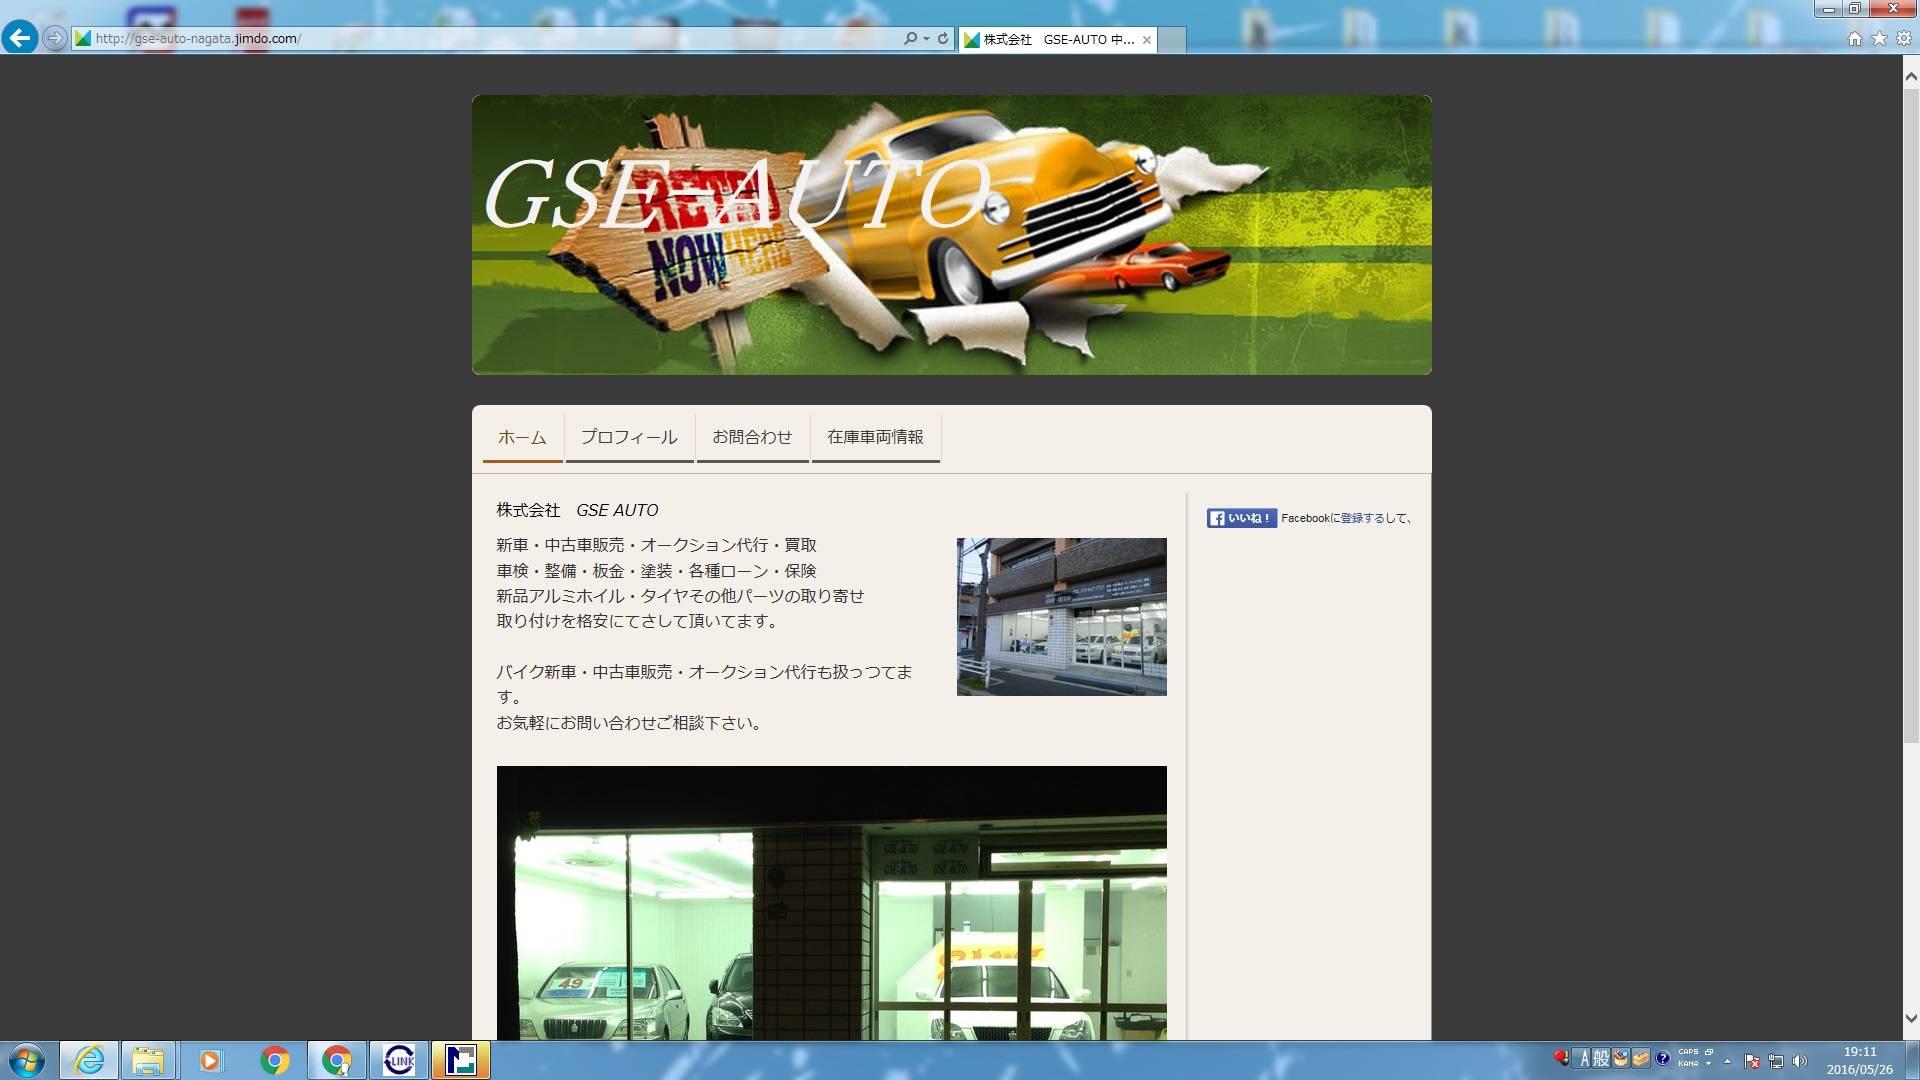 株式会社 GSE AUTO 芦屋店